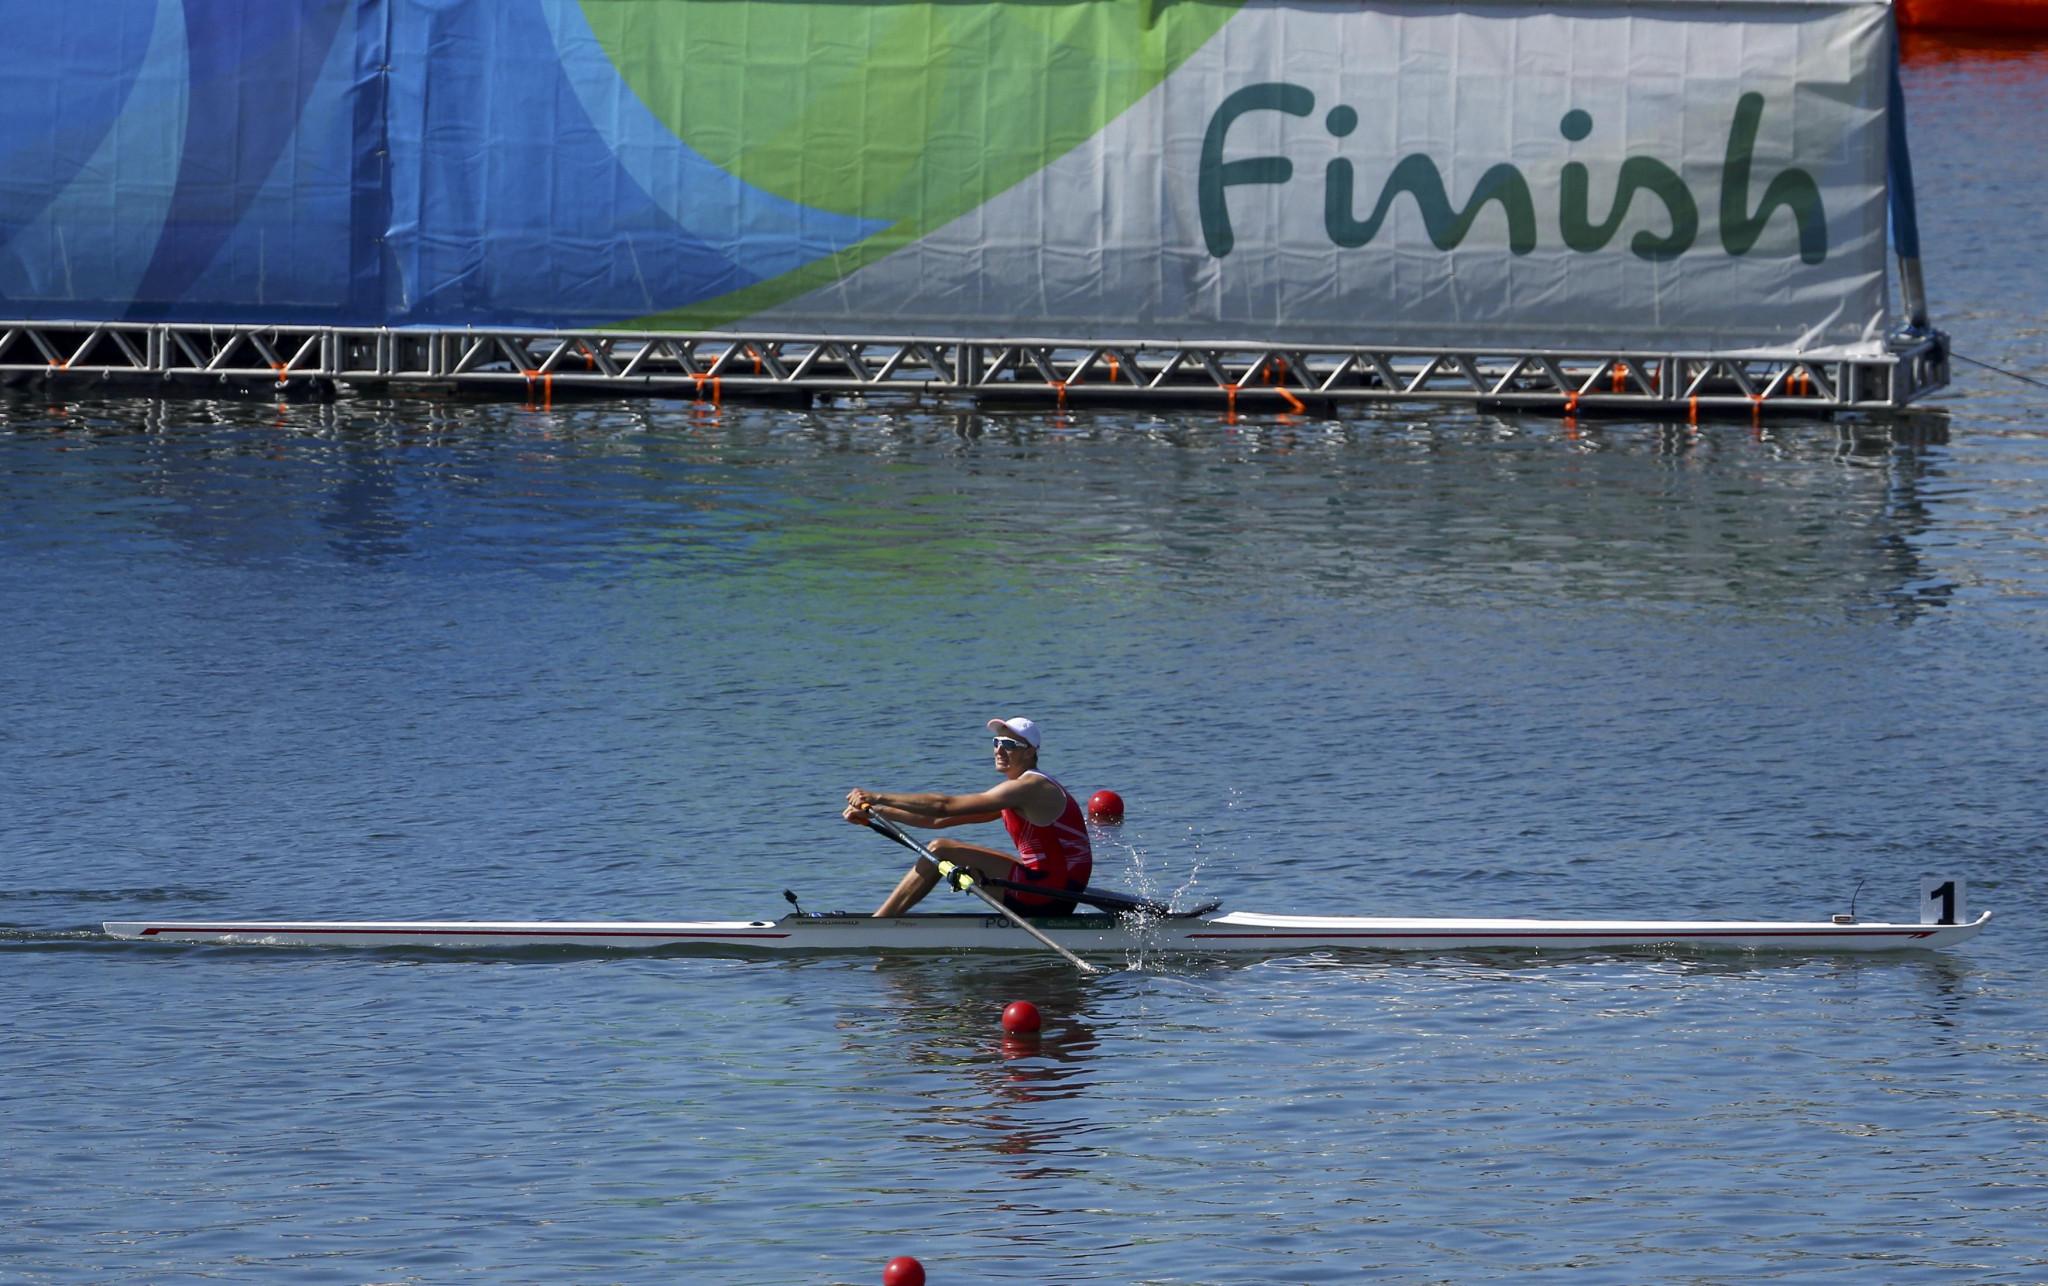 Wegrzycki-Szymczyk reaches single sculls final at concluding rowing qualifier for Tokyo 2020